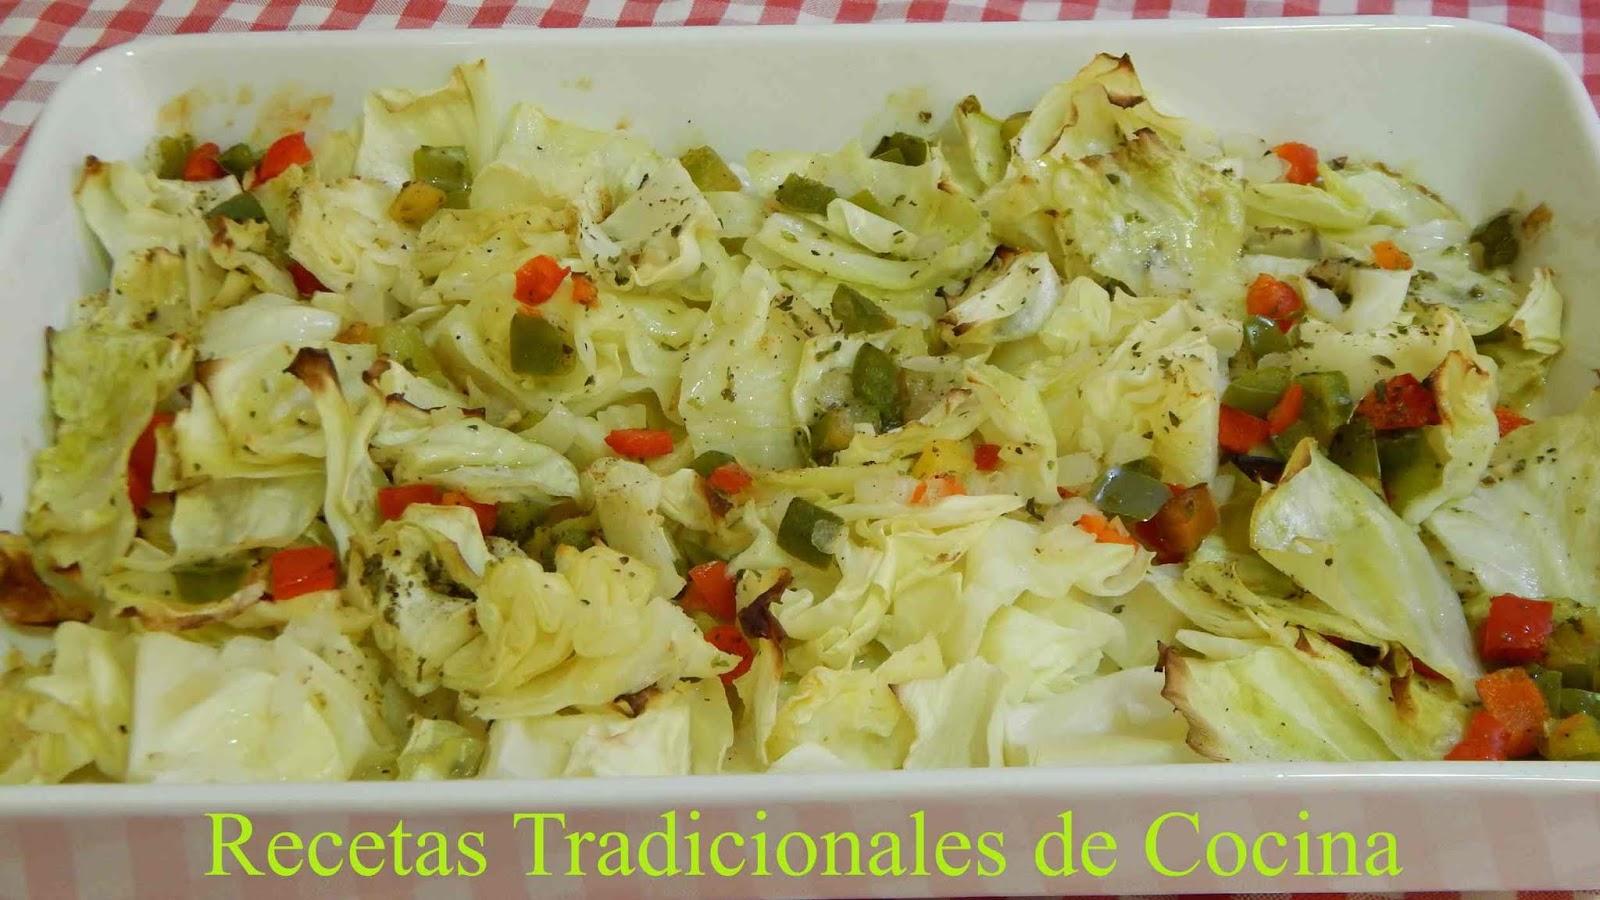 Receta Casera De Repollo Asado Con Verduras Y Fácil, Económico Y Saludable